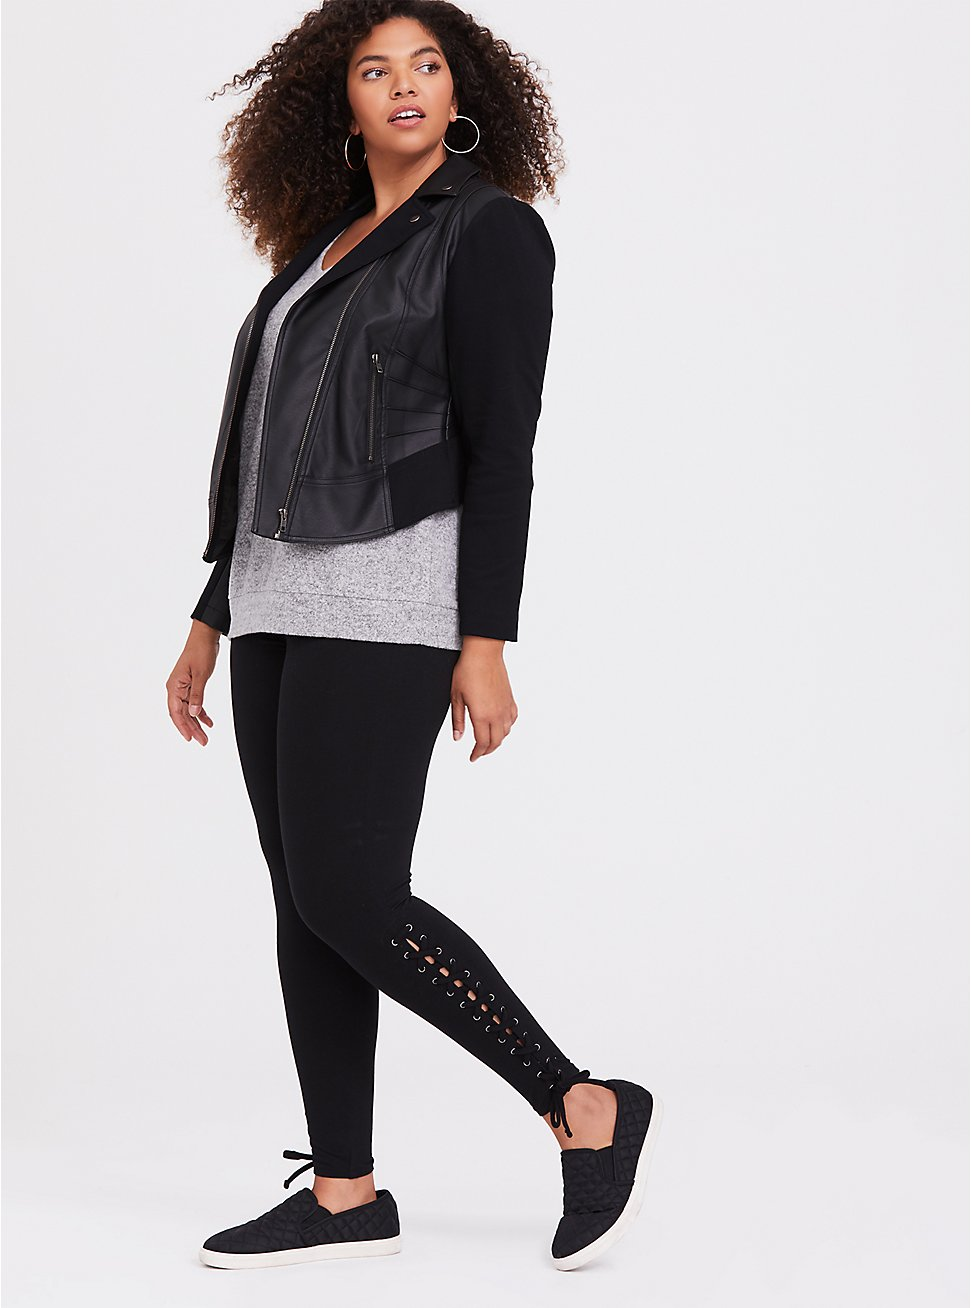 Black Lace-Up Legging, BLACK, hi-res